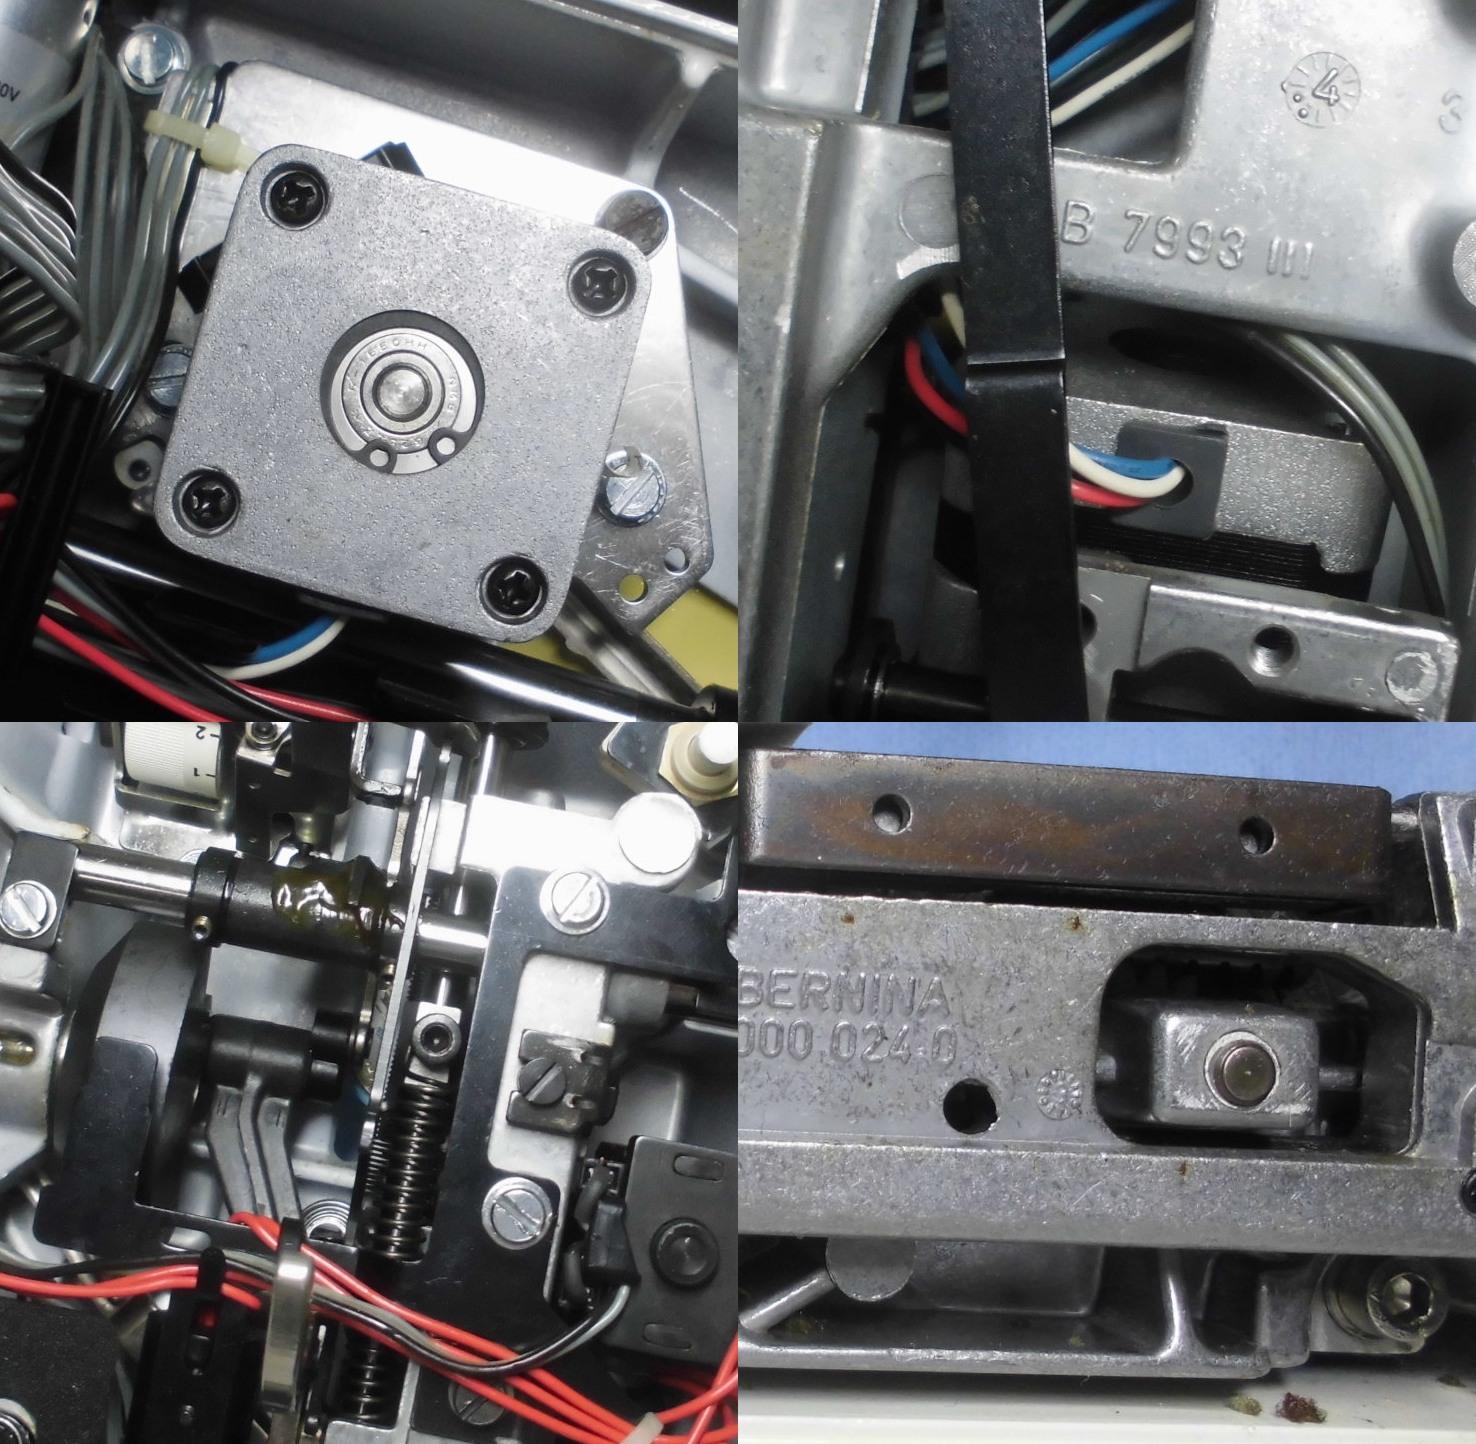 ホリデーヌ1241の修理|ステップモーターの固着、グリス劣化、オイル切れ、ズレ